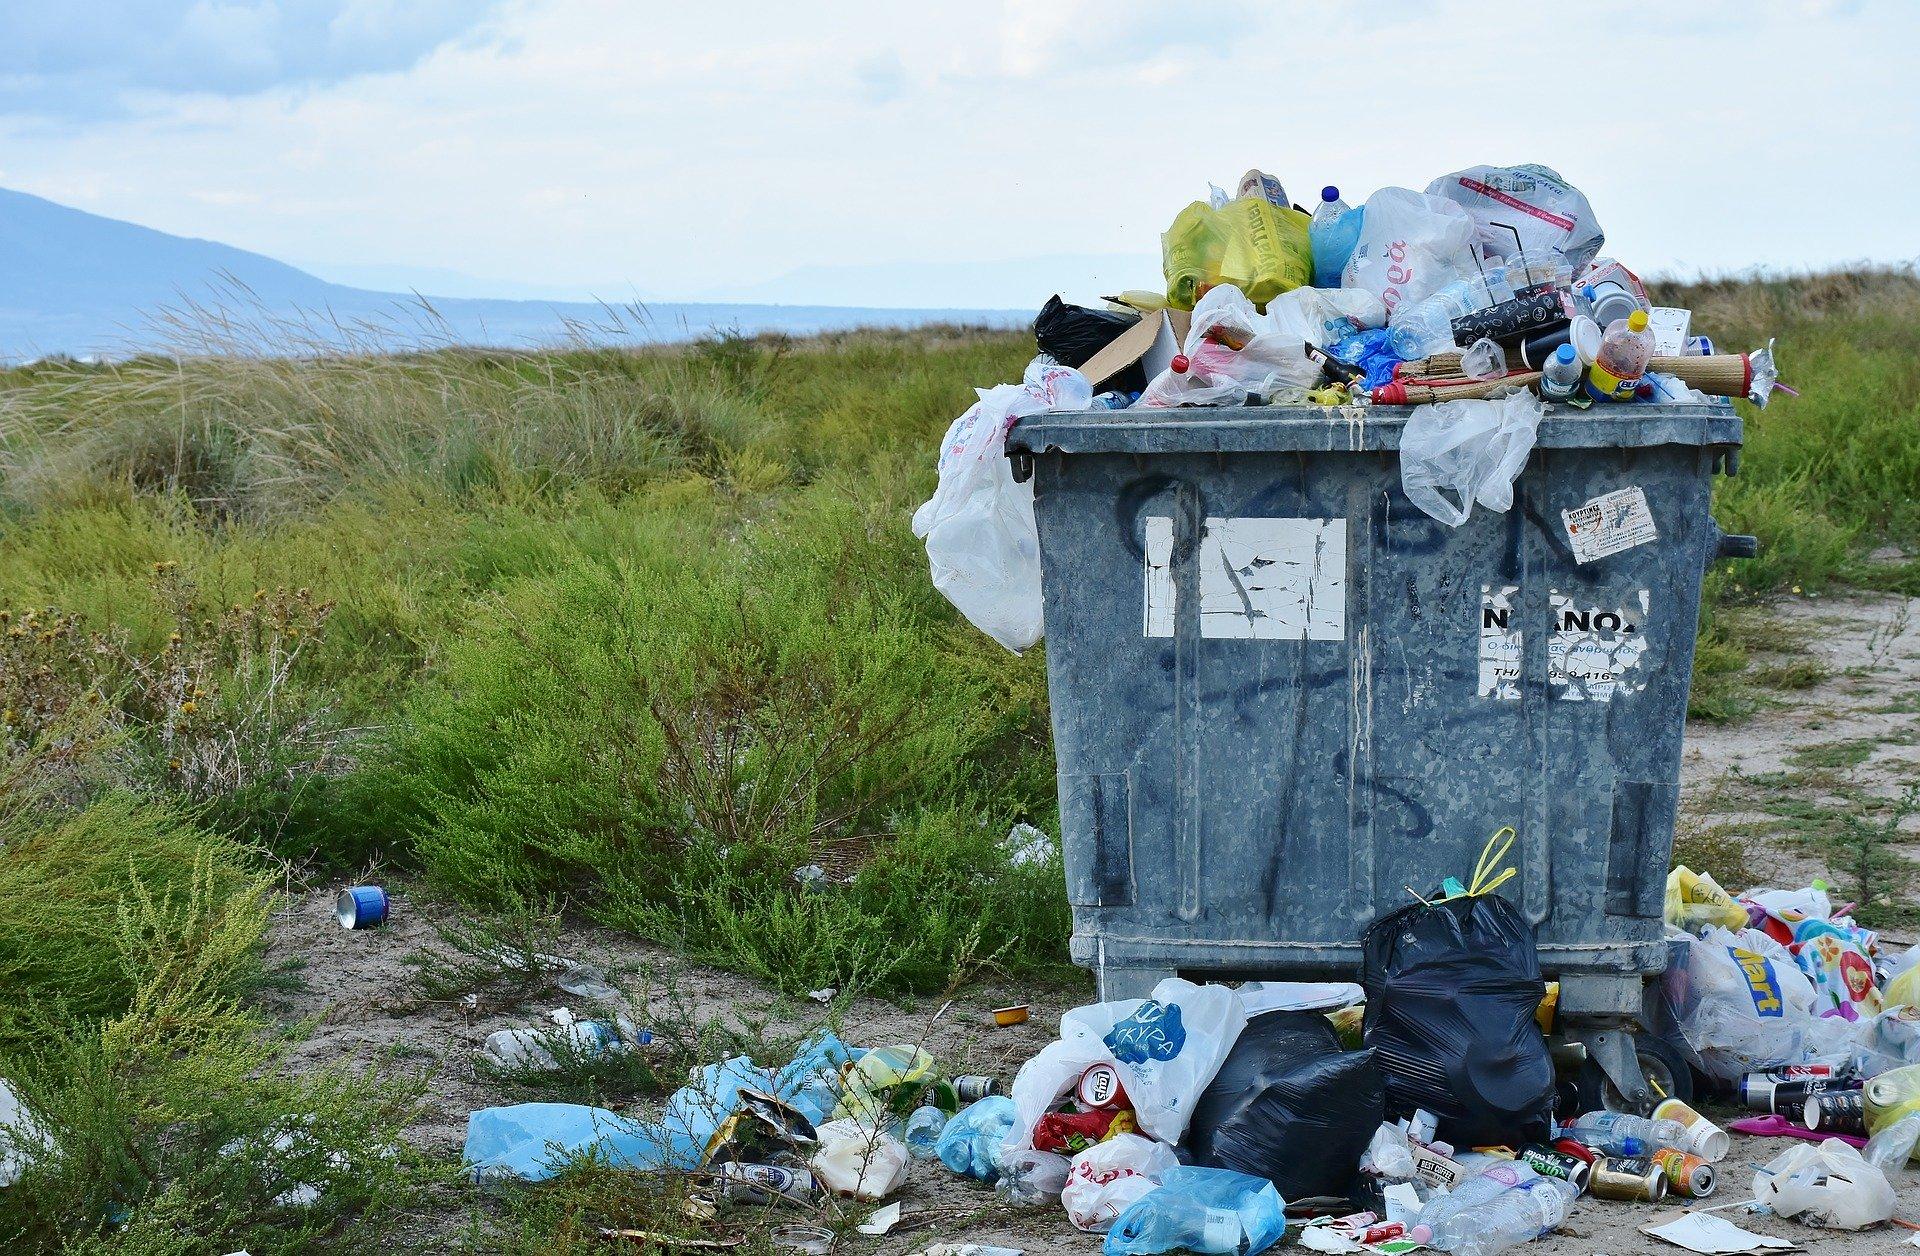 Wywóz śmieci Kraków – szybki, łatwy i bezproblemowy odbiór odpadów